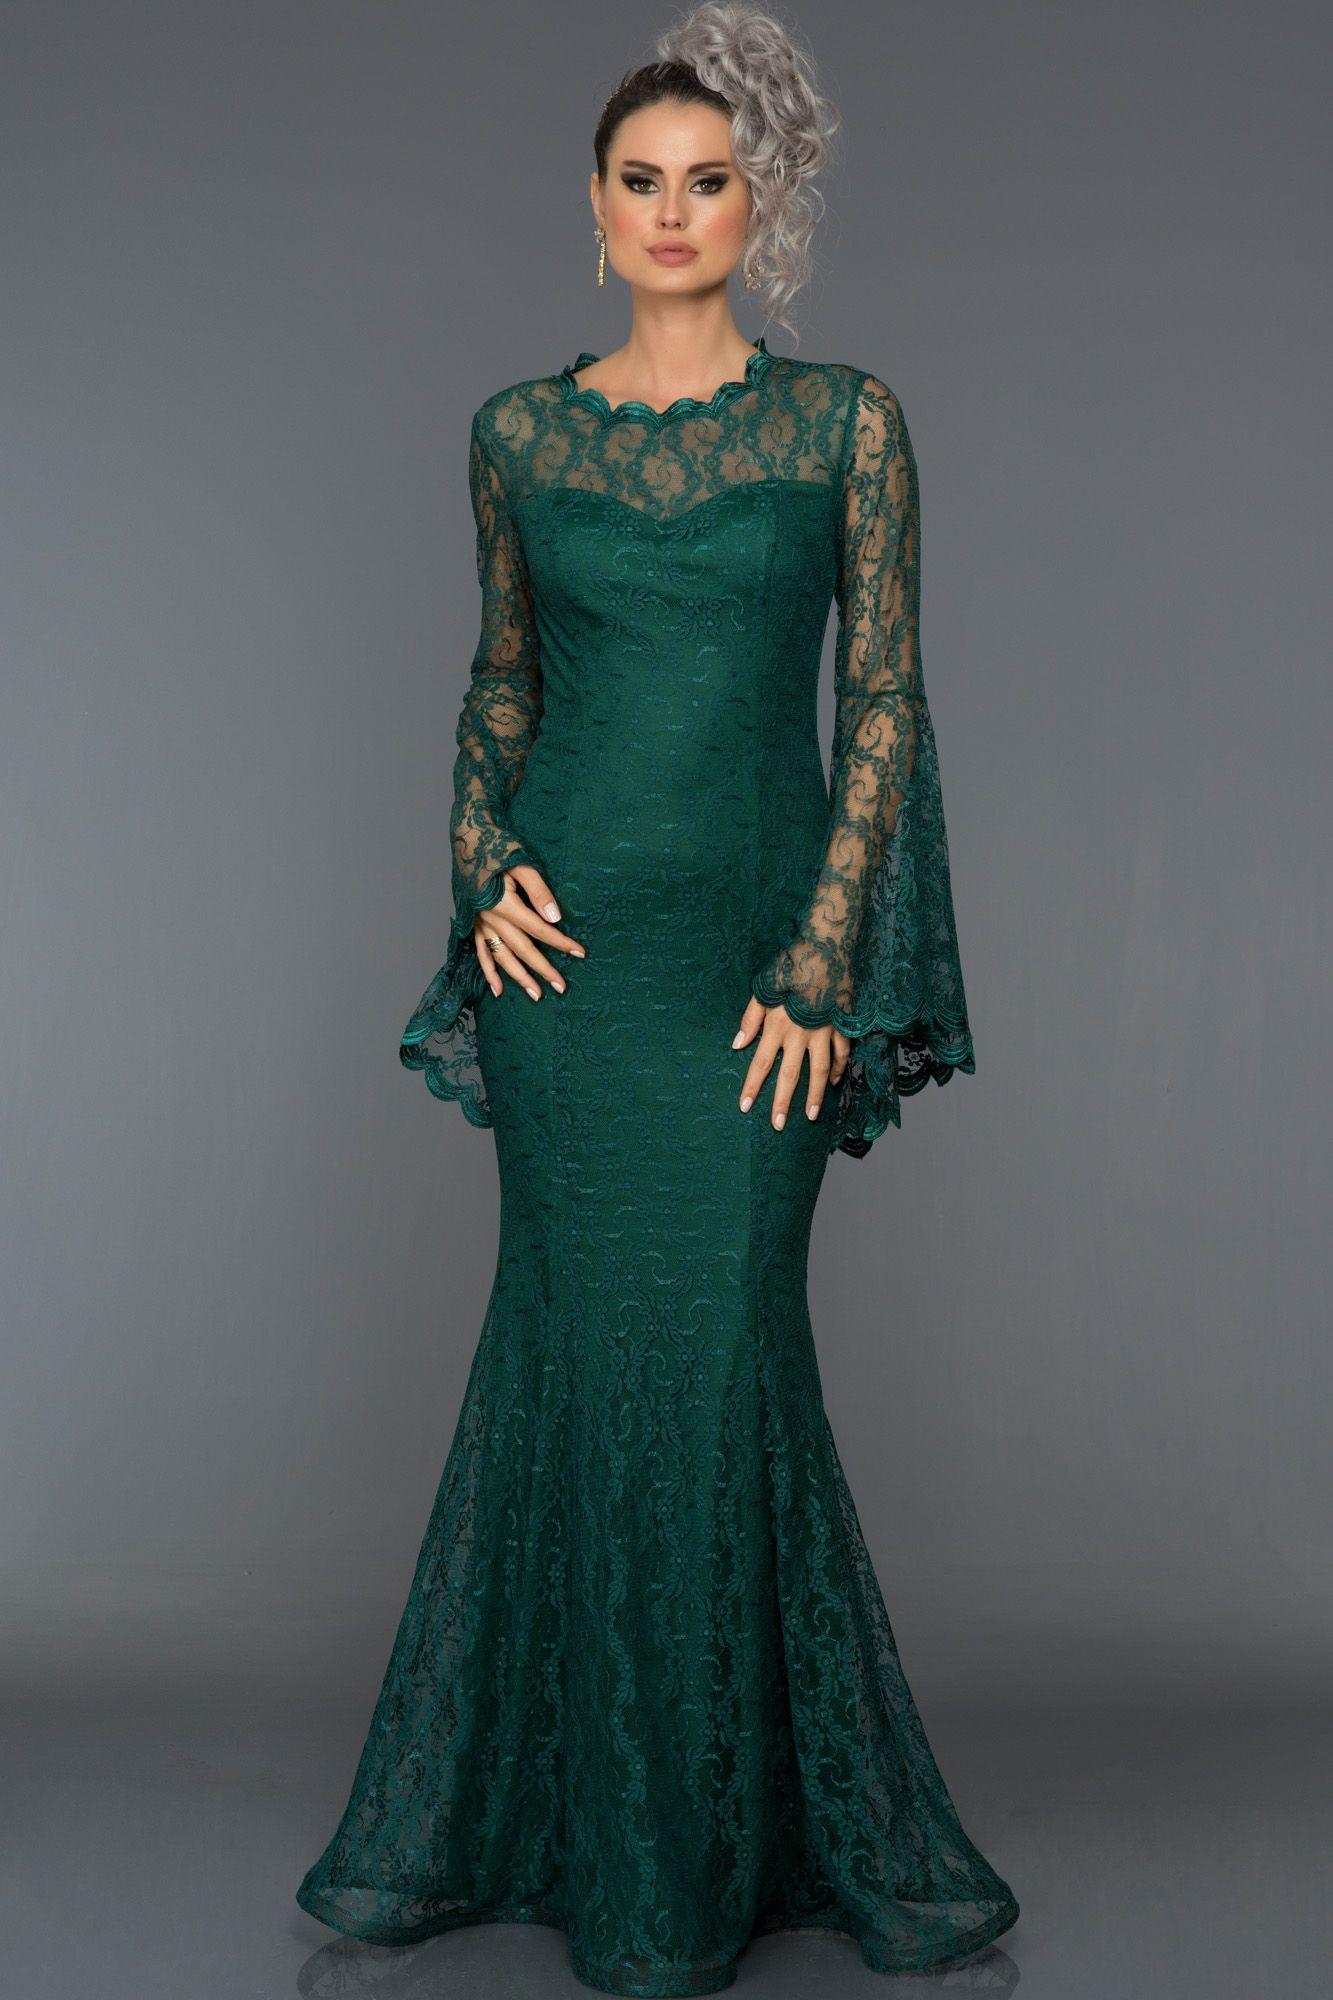 Zumrut Yesili Dantelli Uzun Kol Abiye Elbise L6040 Elbise Elbise Modelleri Blazer Elbise